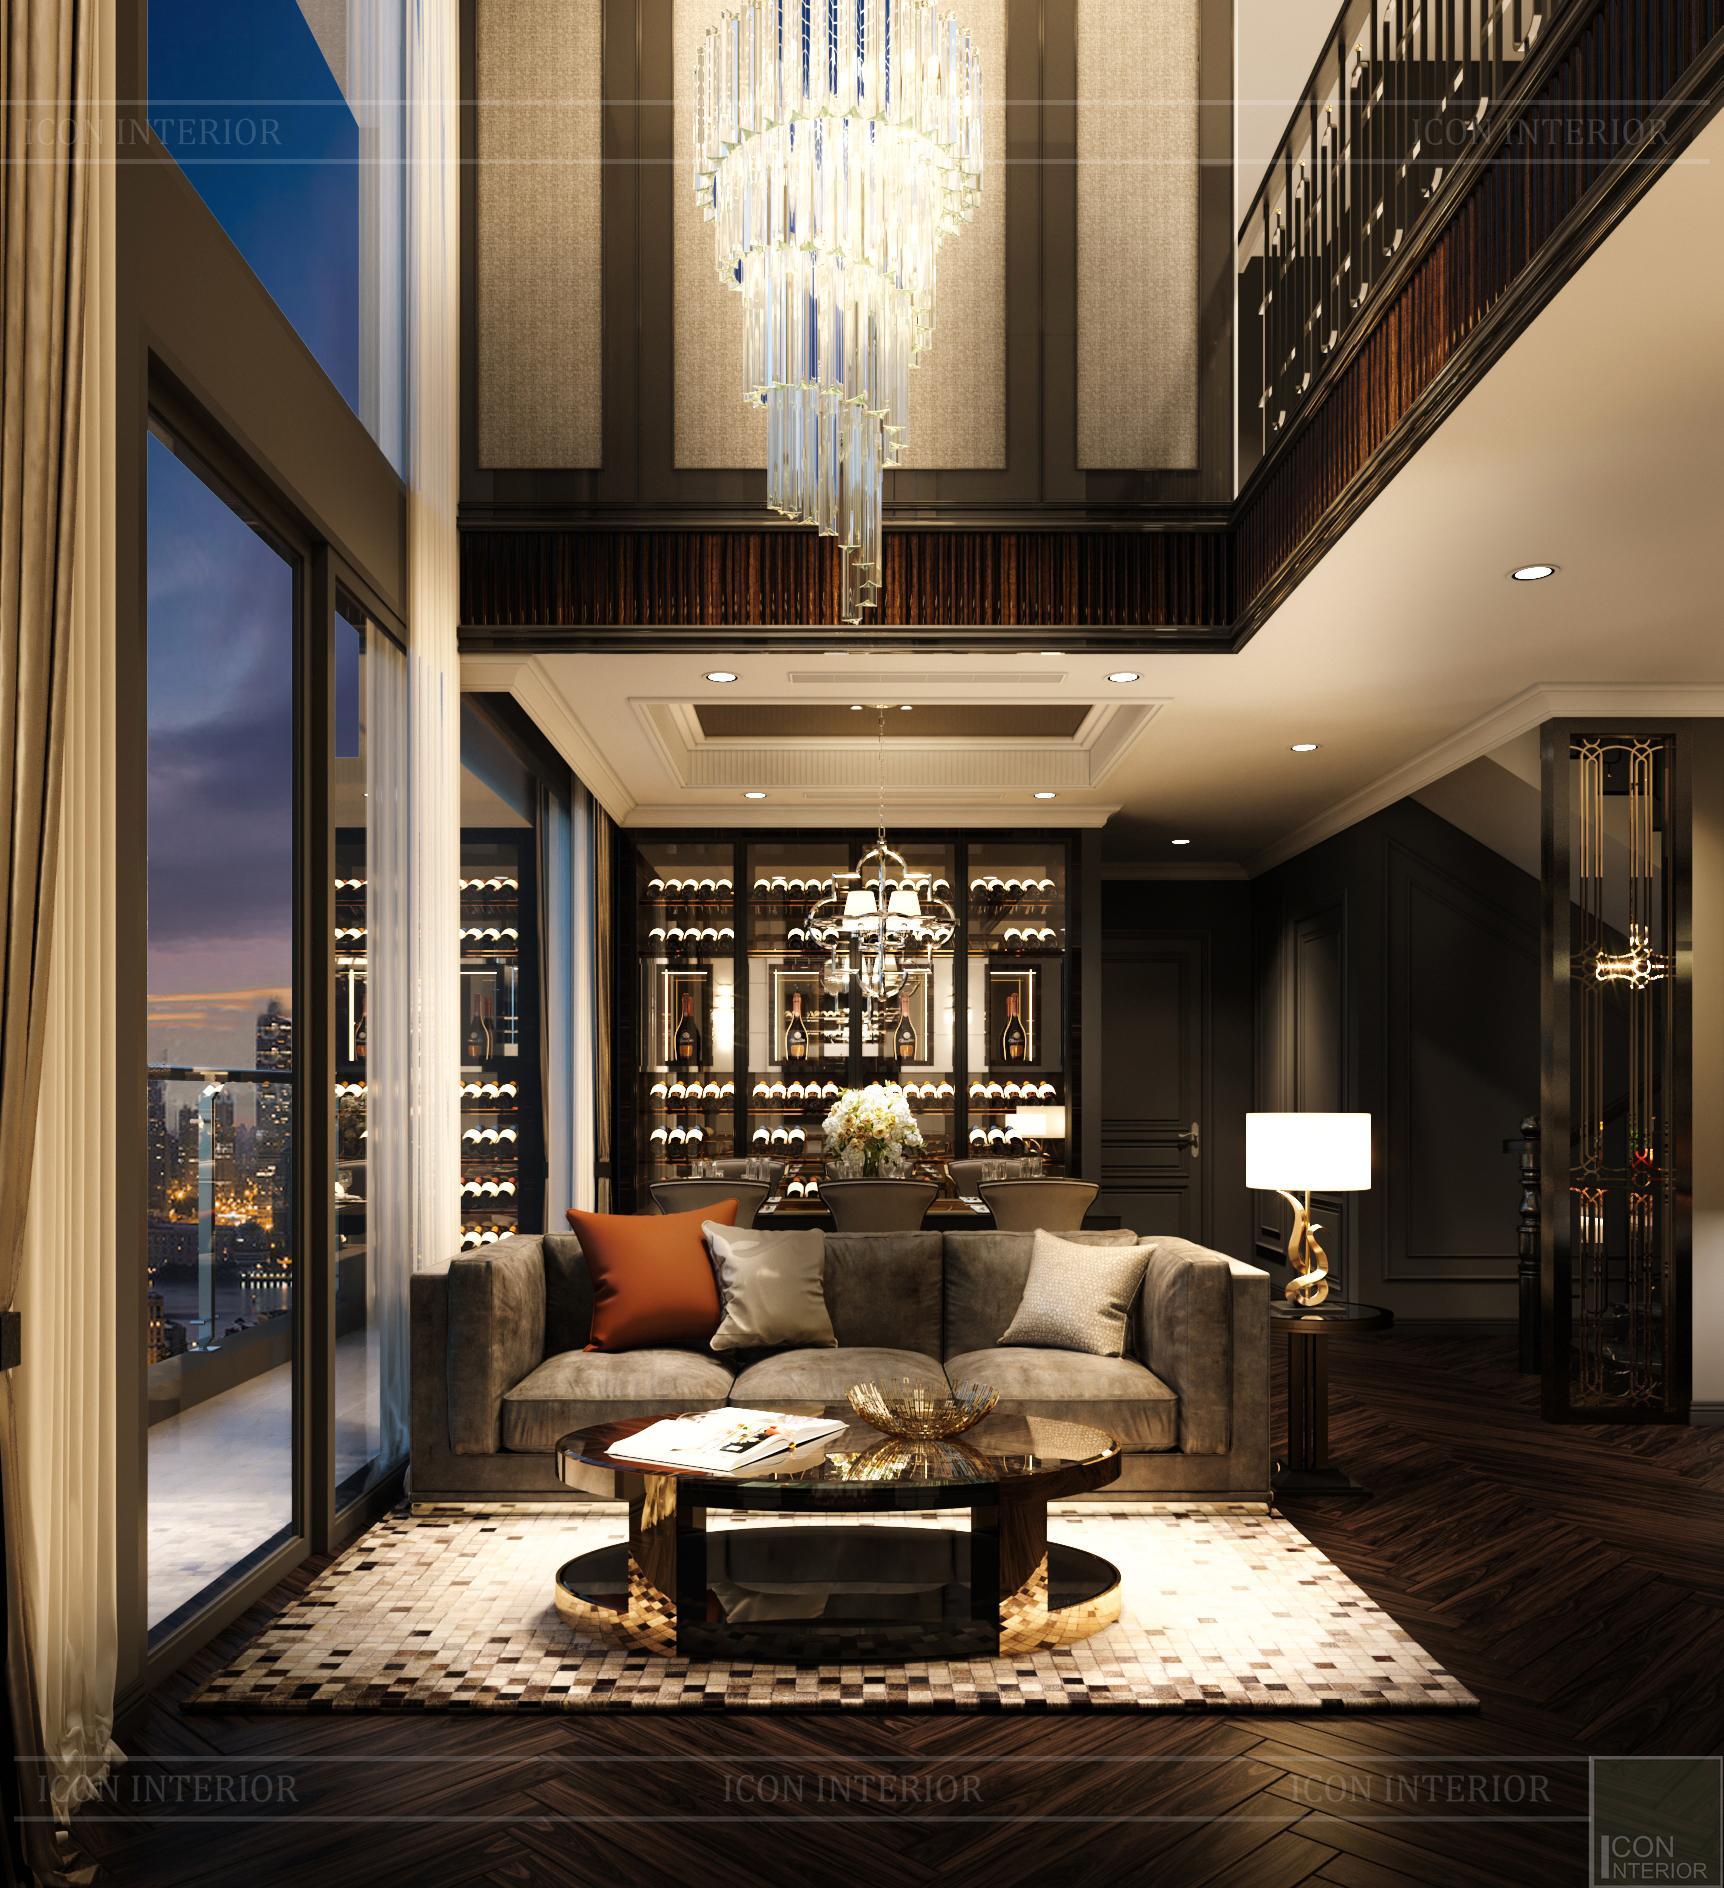 thiết kế căn hộ penthouse kingdom 101 - phòng khách